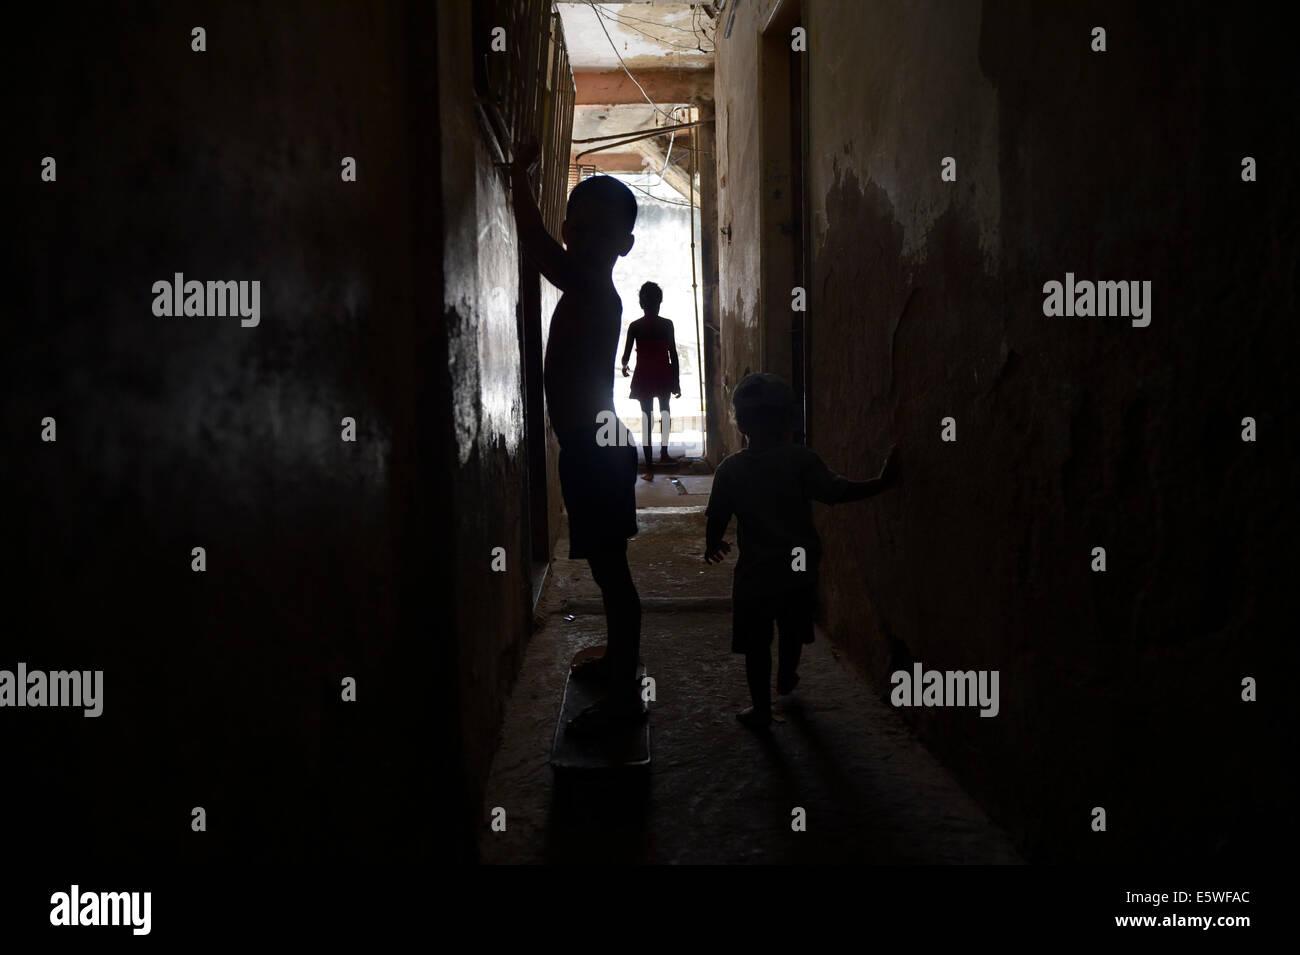 Enfants jouant dans le couloir d'un squat ou maison habitée, Gloria, Rio de Janeiro, Rio de Janeiro, Brésil Photo Stock